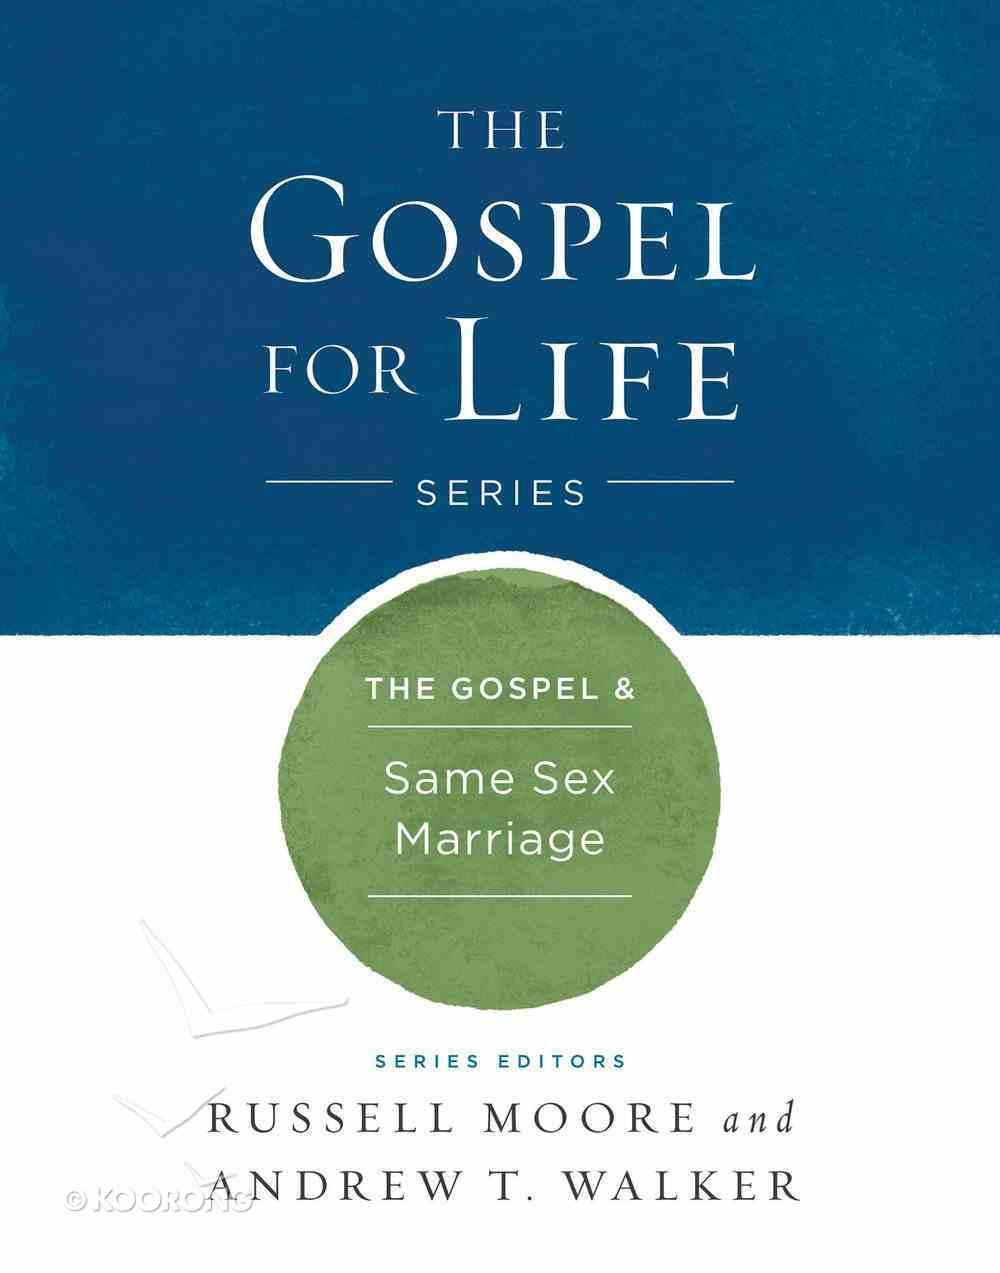 The Gospel & Same-Sex Marriage (Gospel For Life Series) eBook